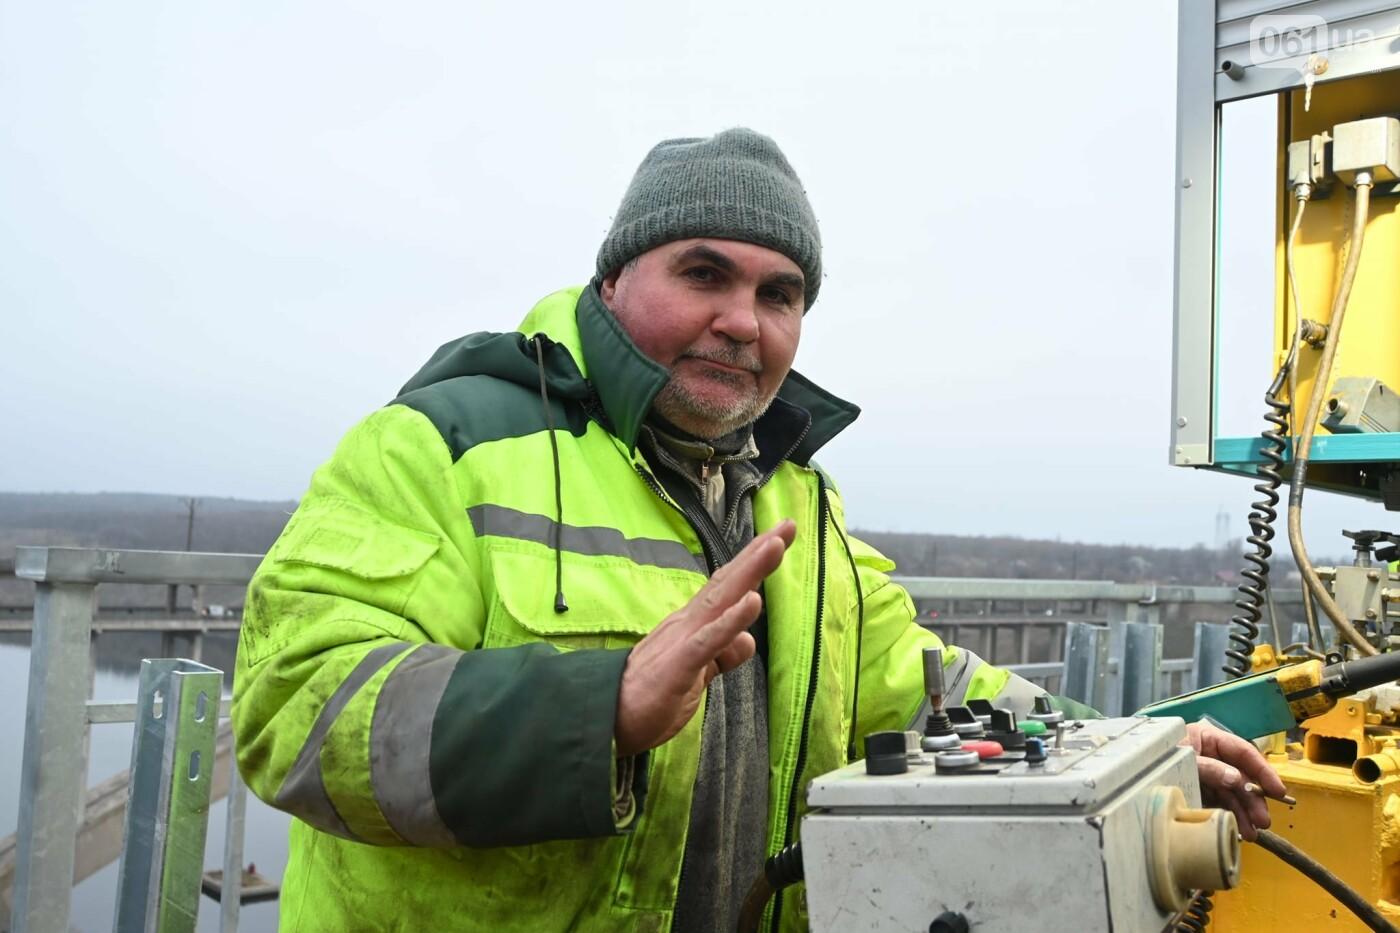 В Службе автодорог показали технологию укладки гусасфальта на строительстве мостов, - ФОТО, ВИДЕО, фото-13